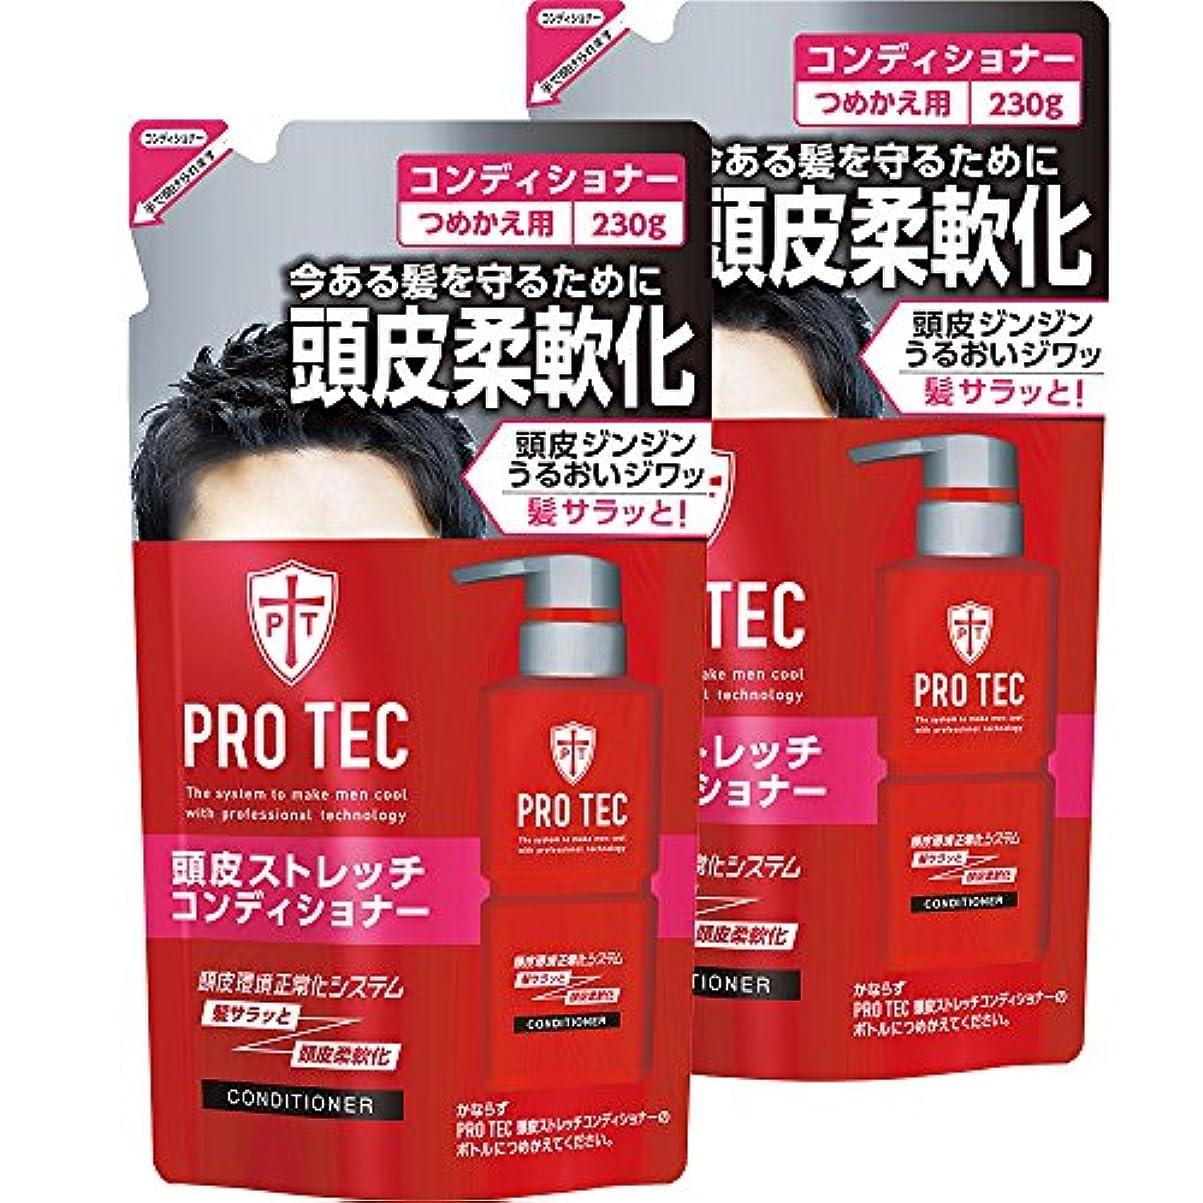 復活足枷マザーランド【まとめ買い】PRO TEC(プロテク) 頭皮ストレッチ コンディショナー 詰め替え 230g×2個パック(医薬部外品)